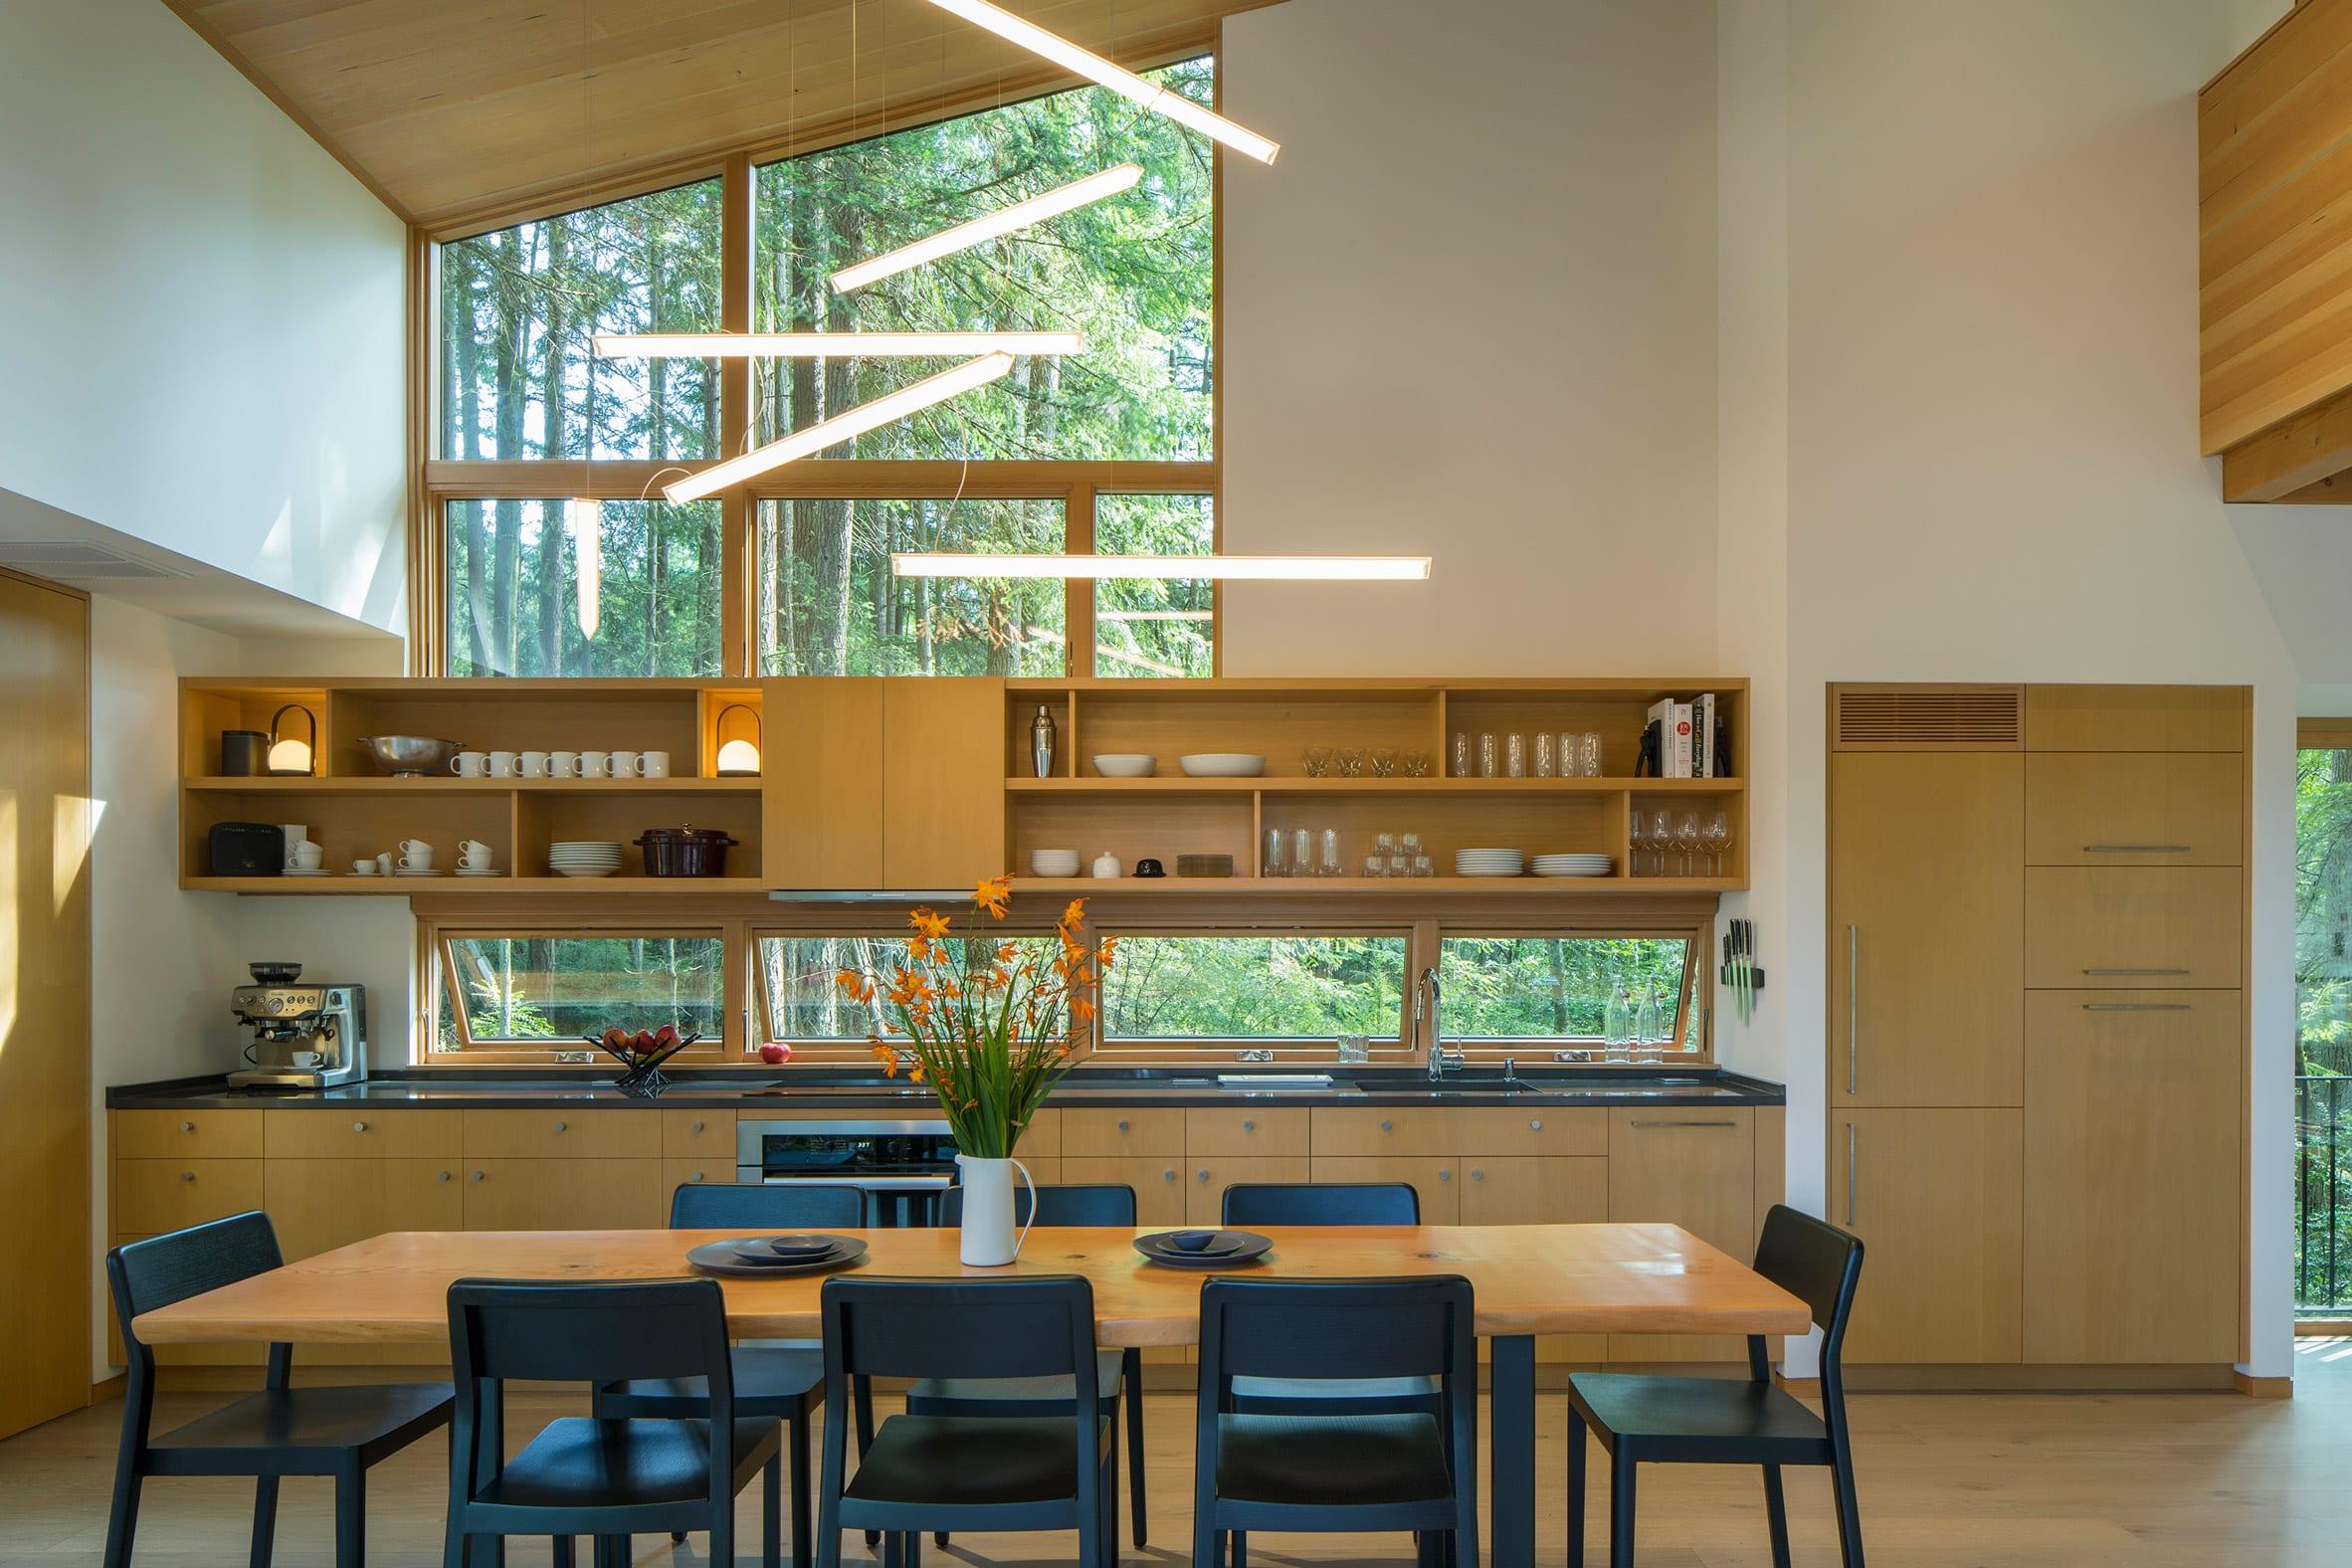 Wooden one-wall kitchen by David Van Galen